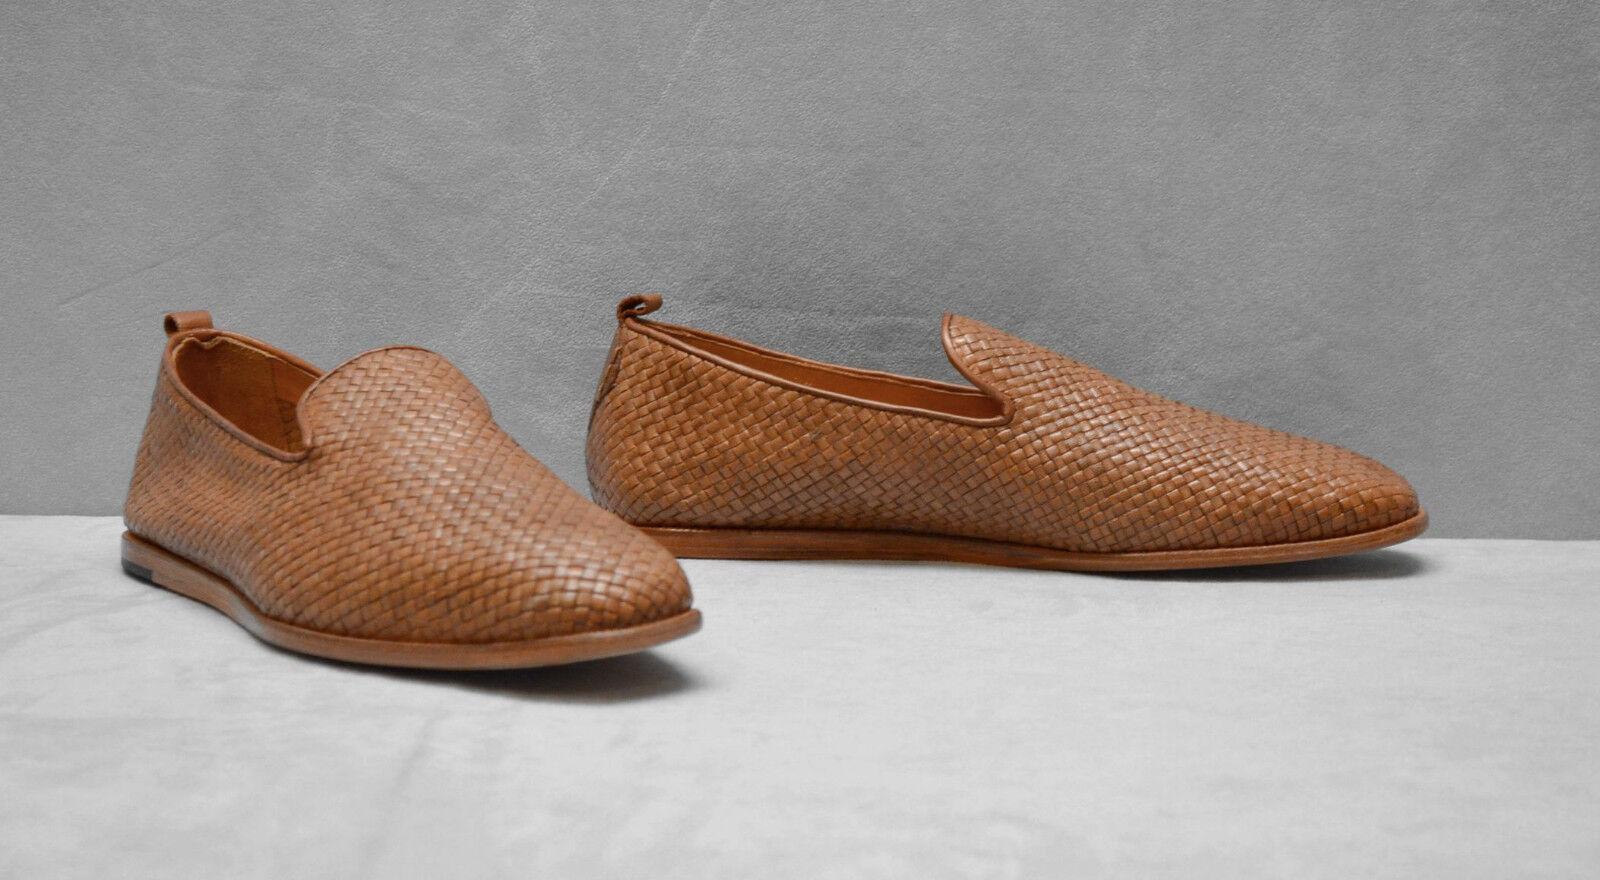 Nuevo B5 H H H Londres Tejido Cuero Tostado Sin Cordones Plana Informal Mocasín Zapatos Talla 0bb715